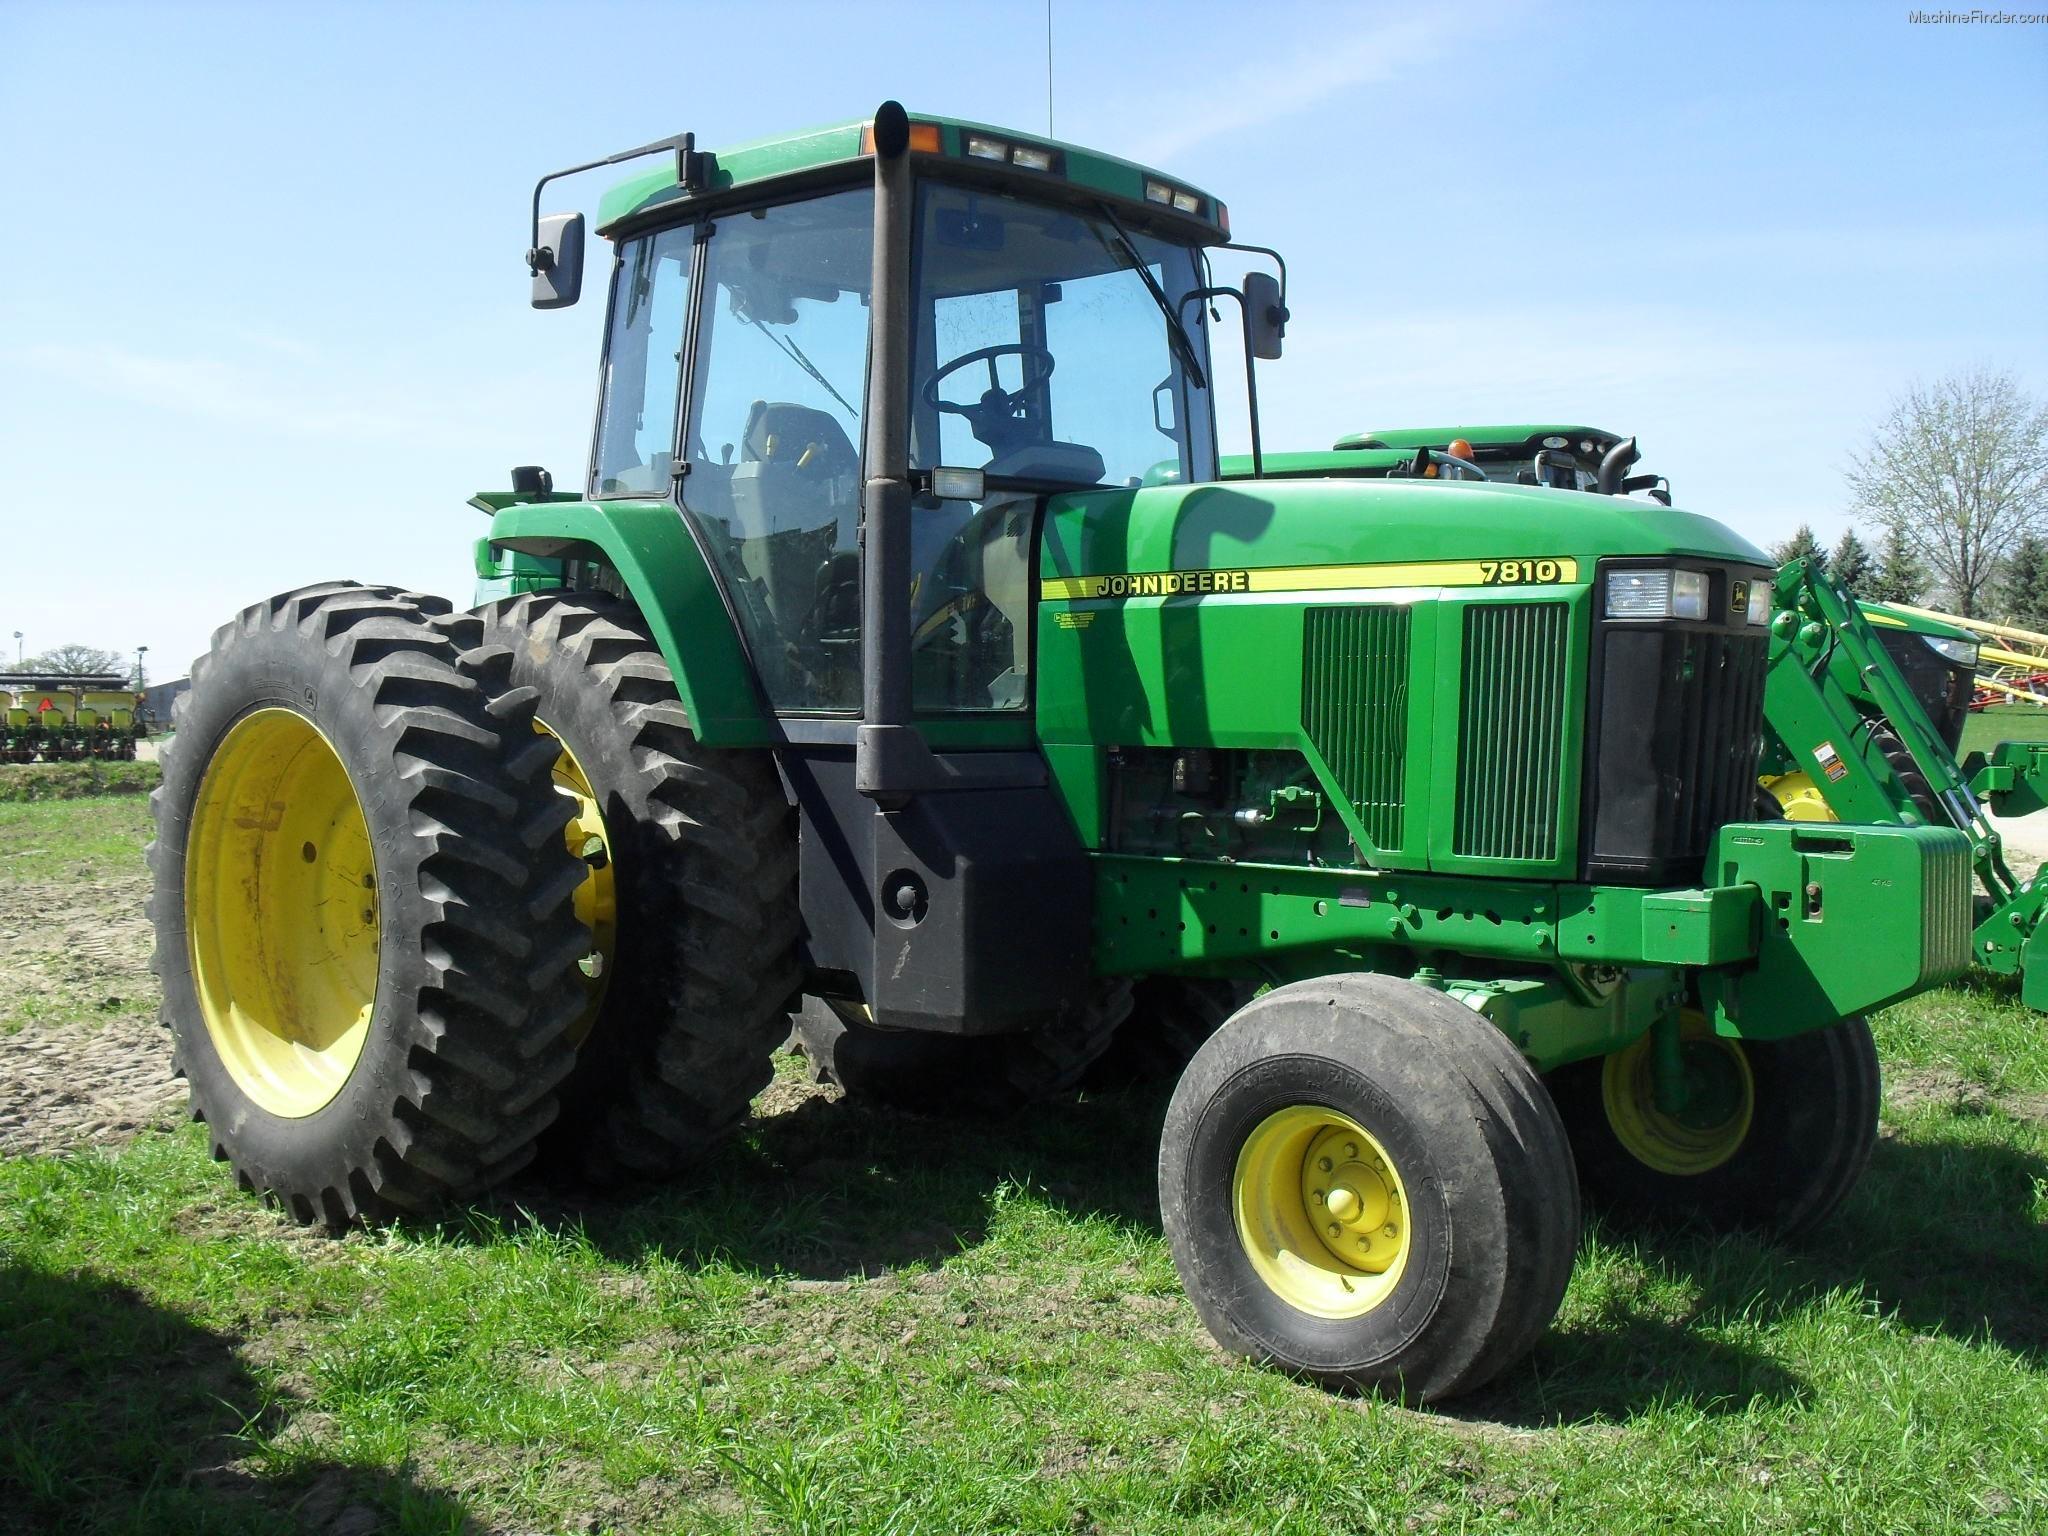 1998 John Deere 7810 Tractors - Row Crop (+100hp) - John Deere ...